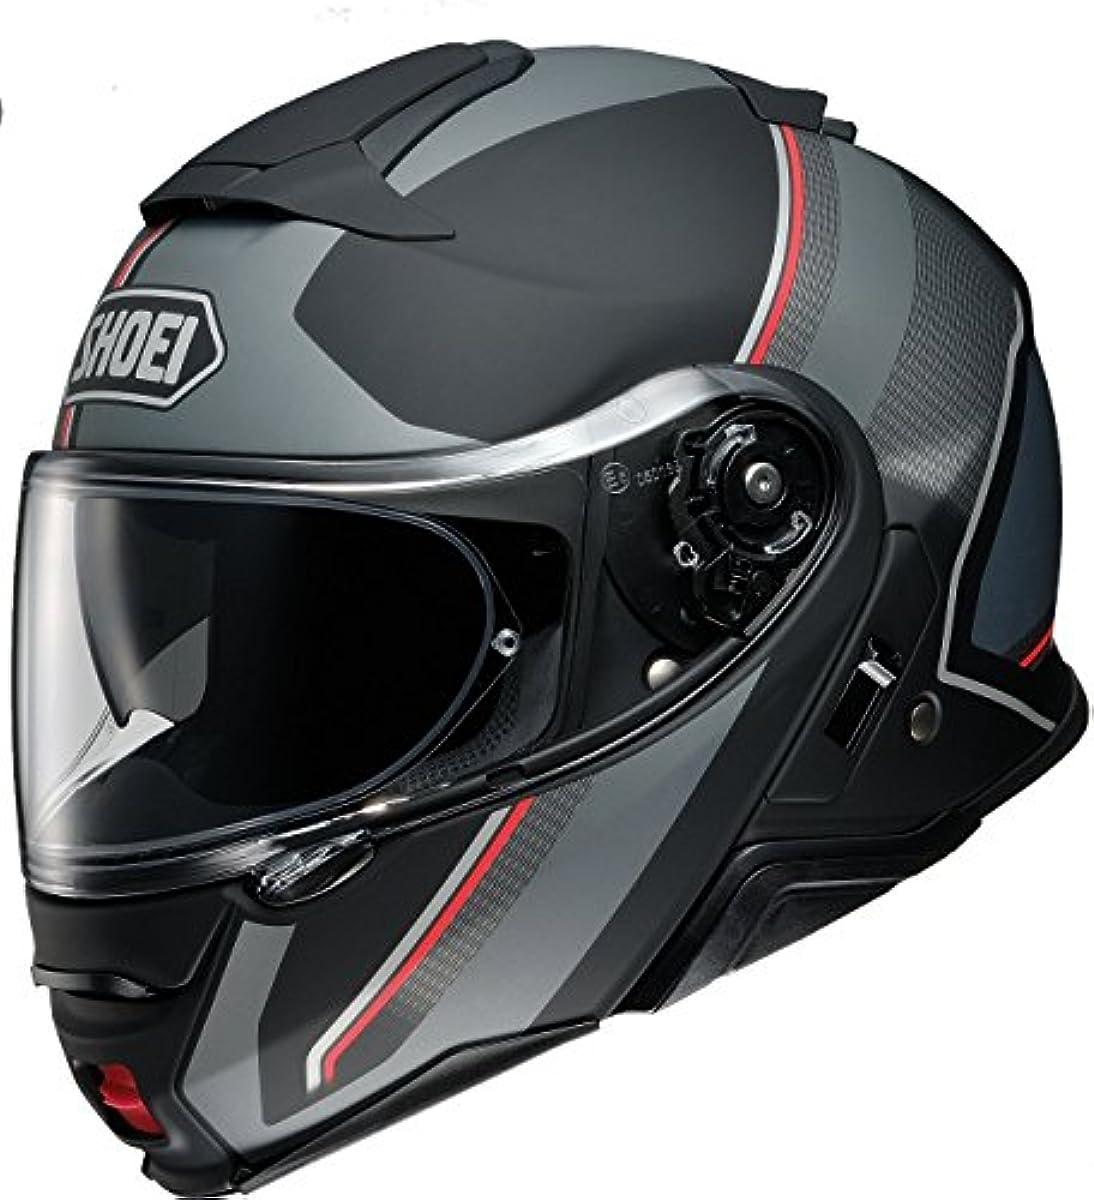 [해외] 쇼에이 오토바이 헬멧 시스템 풀 페이스 NEOTEC2 EXCURSION ex카 숀 TC-5 SILVER/BLACK 매트 컬러 M 57CM -